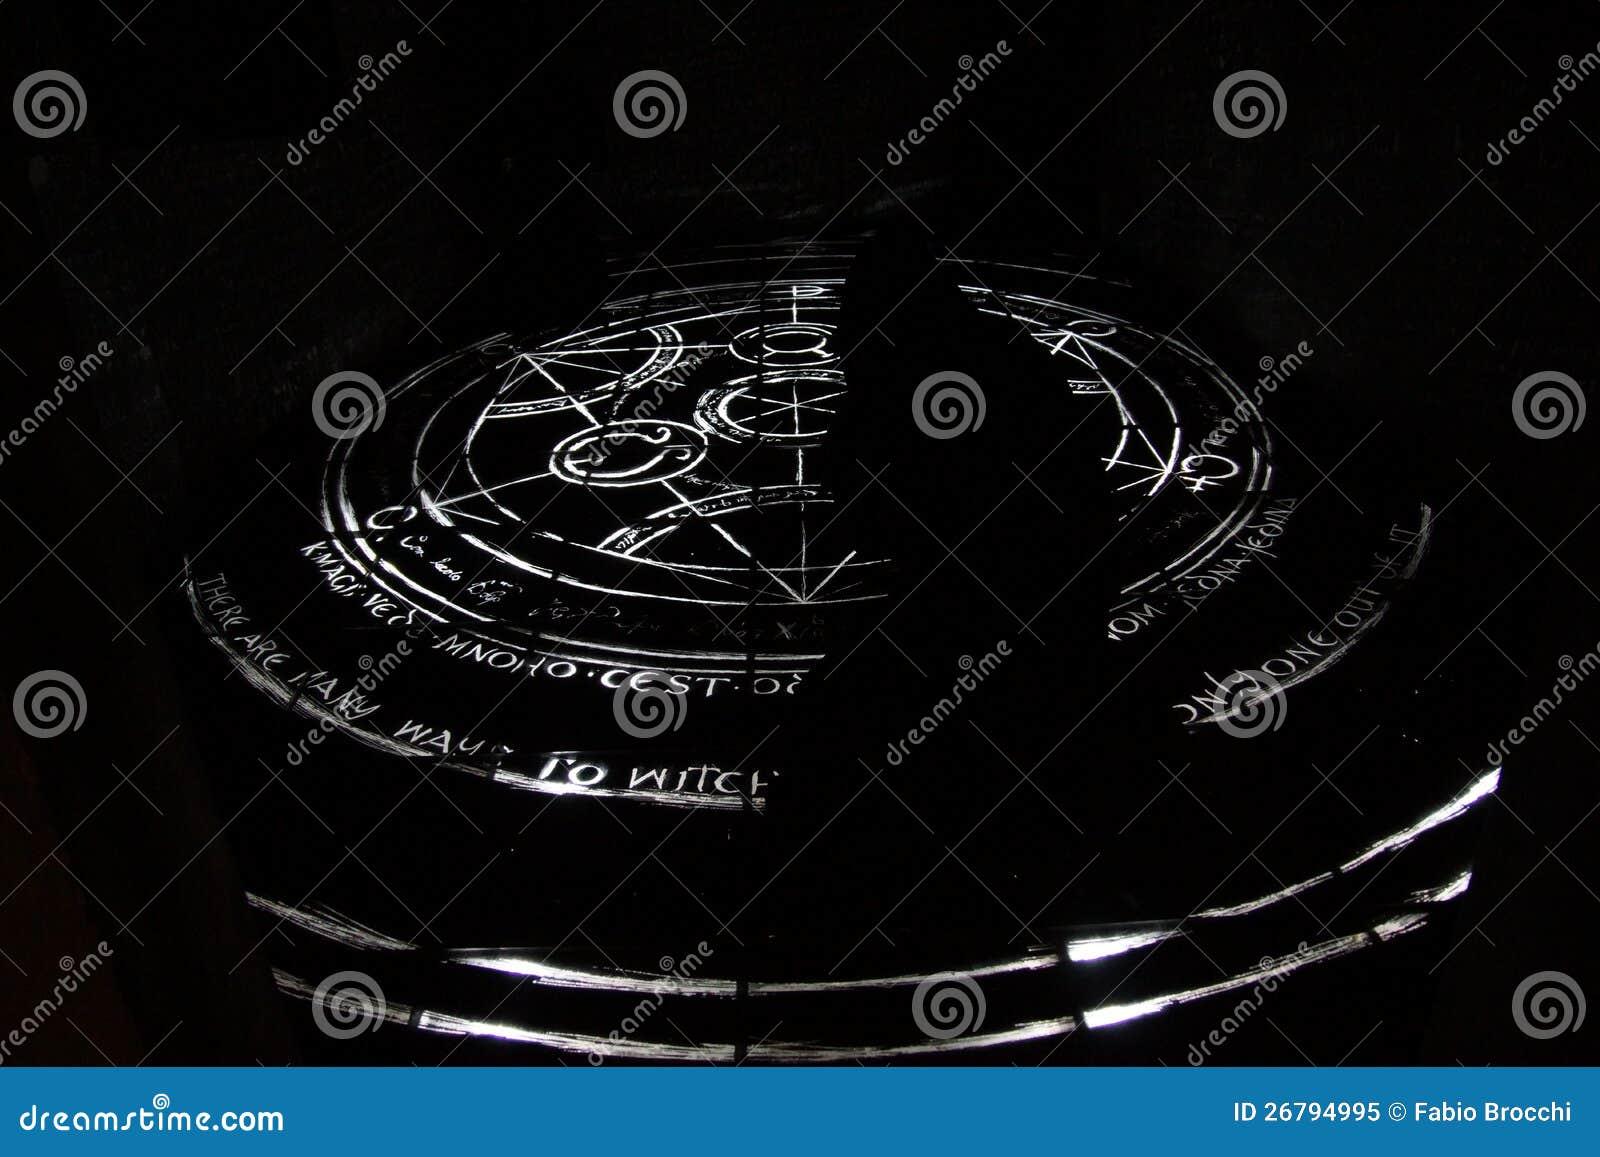 Top Cercle d'alchimie image stock. Image du alchimiste, noir - 26794995 TF56